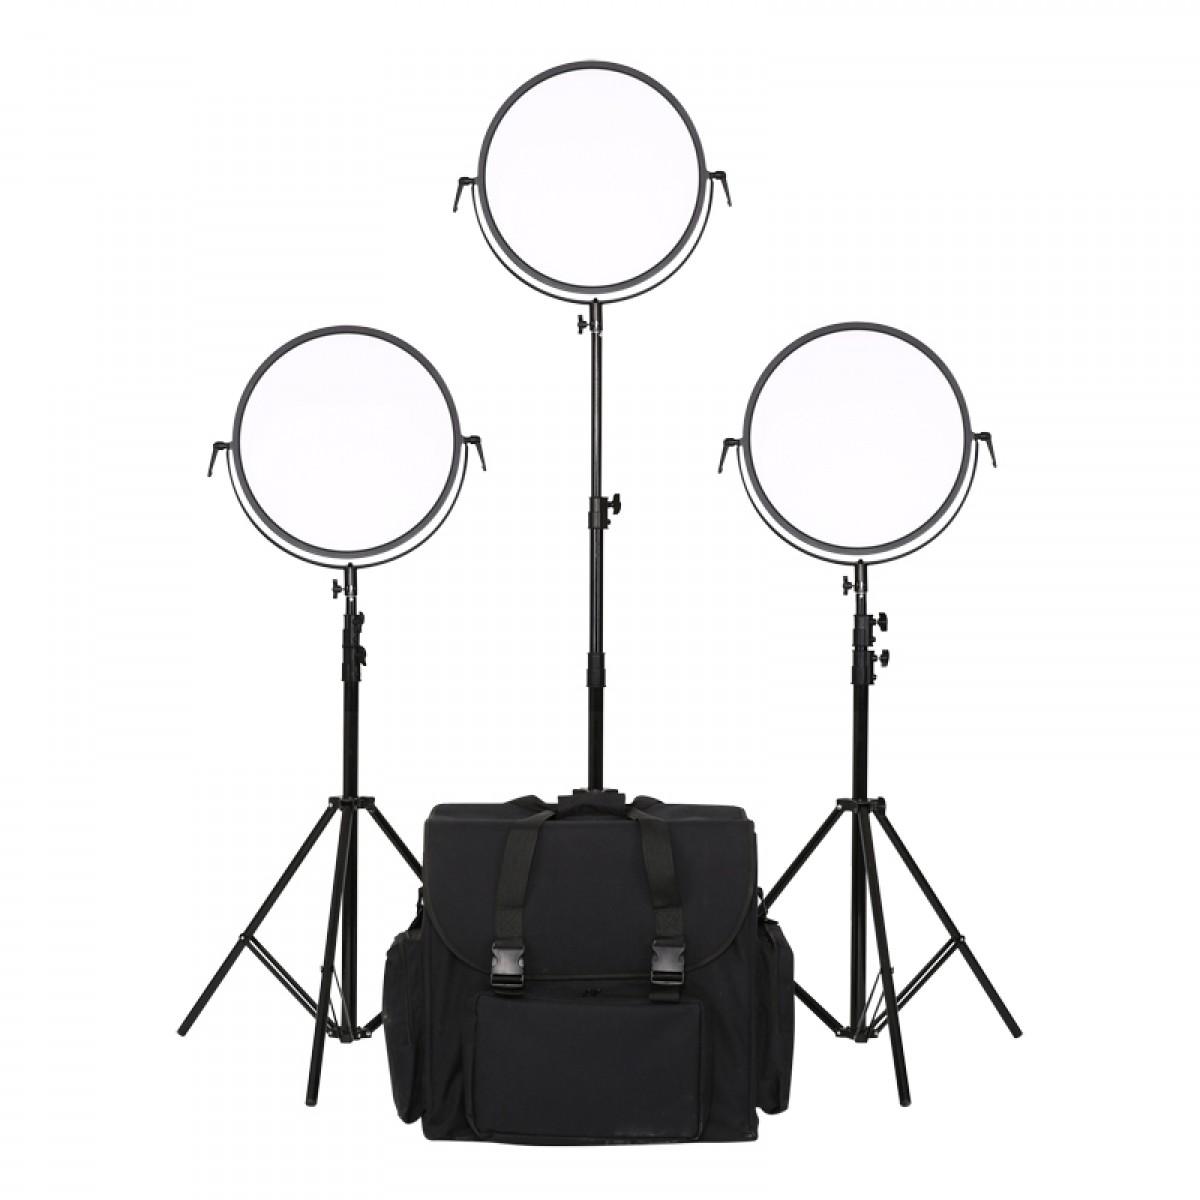 利帅 C700RS补光灯摄像摄影灯led外拍影视灯演播室微电影人像套装